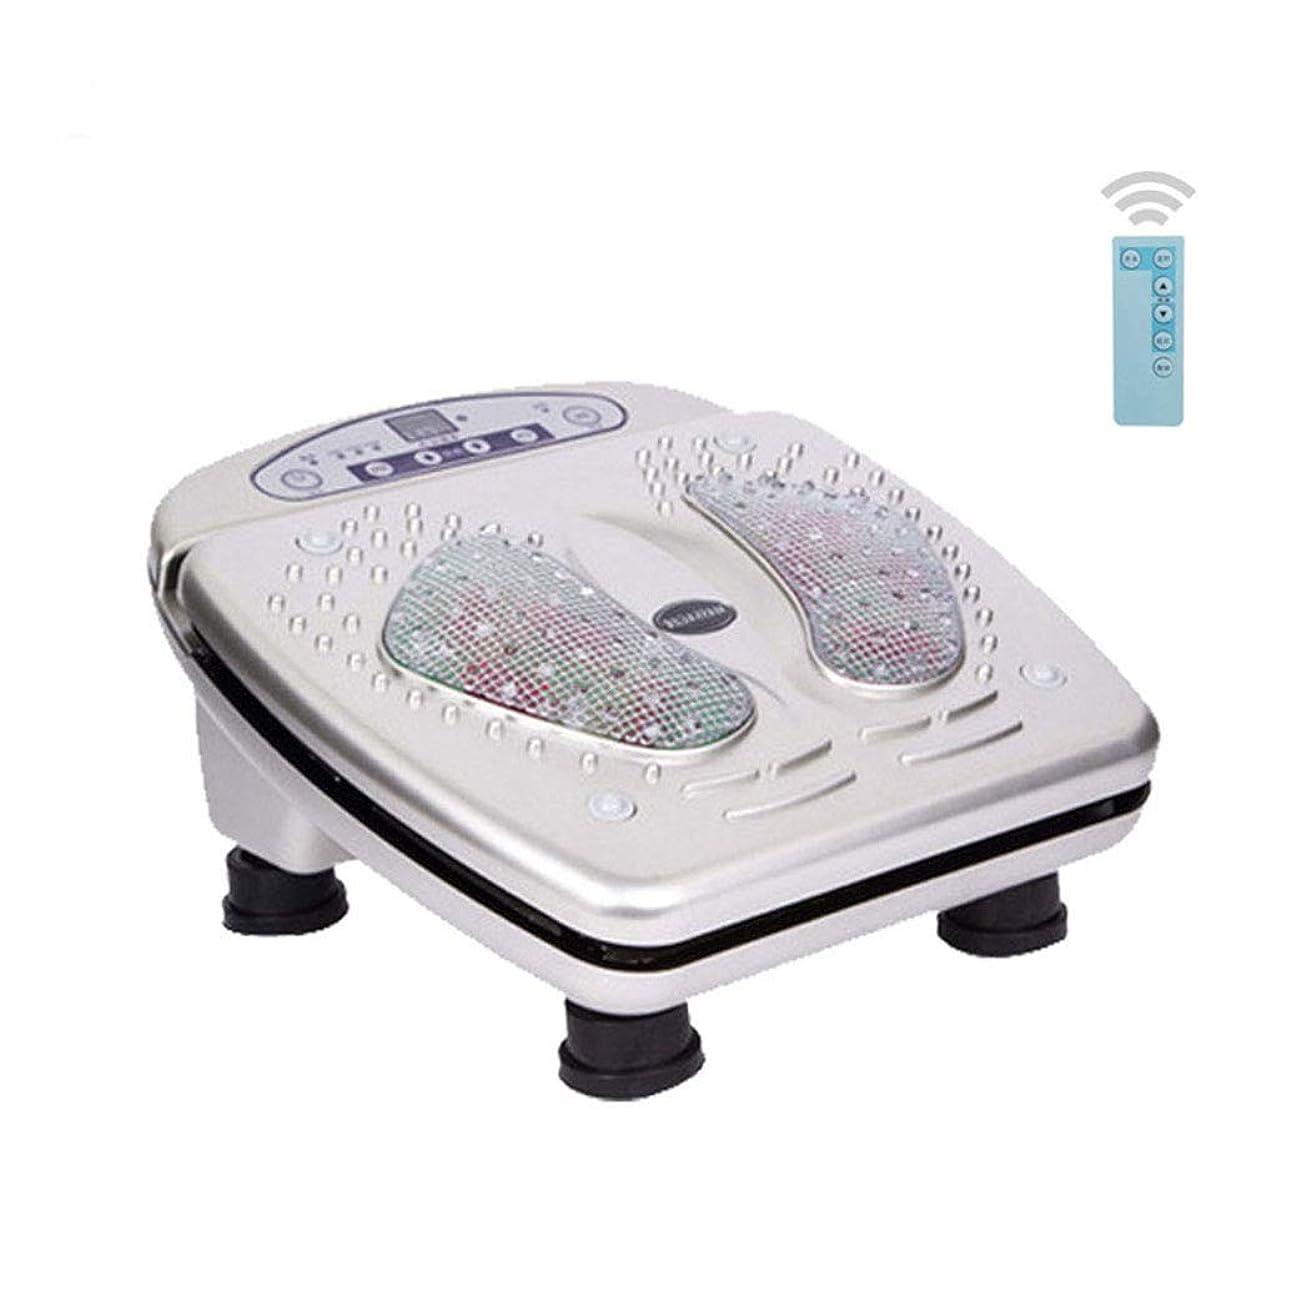 テセウス数字四半期リモコン 足のマッサージ機、15の振動モード、熱を伴う足のマッサージ、家庭でおよびオフィスでの足裏マッサージとストレス解消のため。 インテリジェント, silver